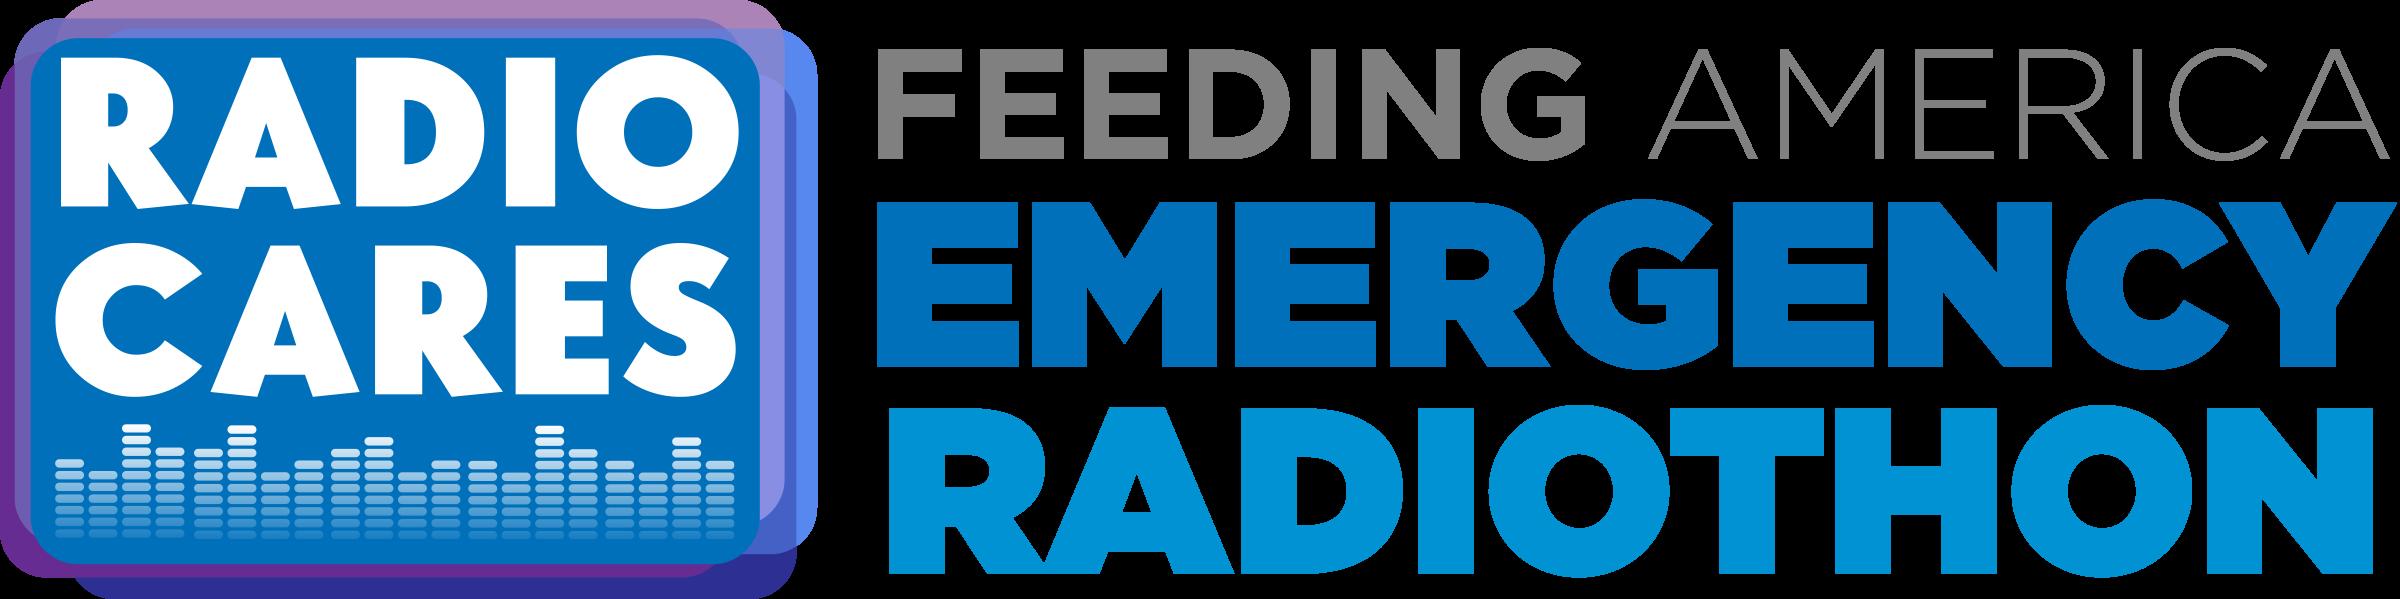 Feeding America Emergency Radiothon LOGO